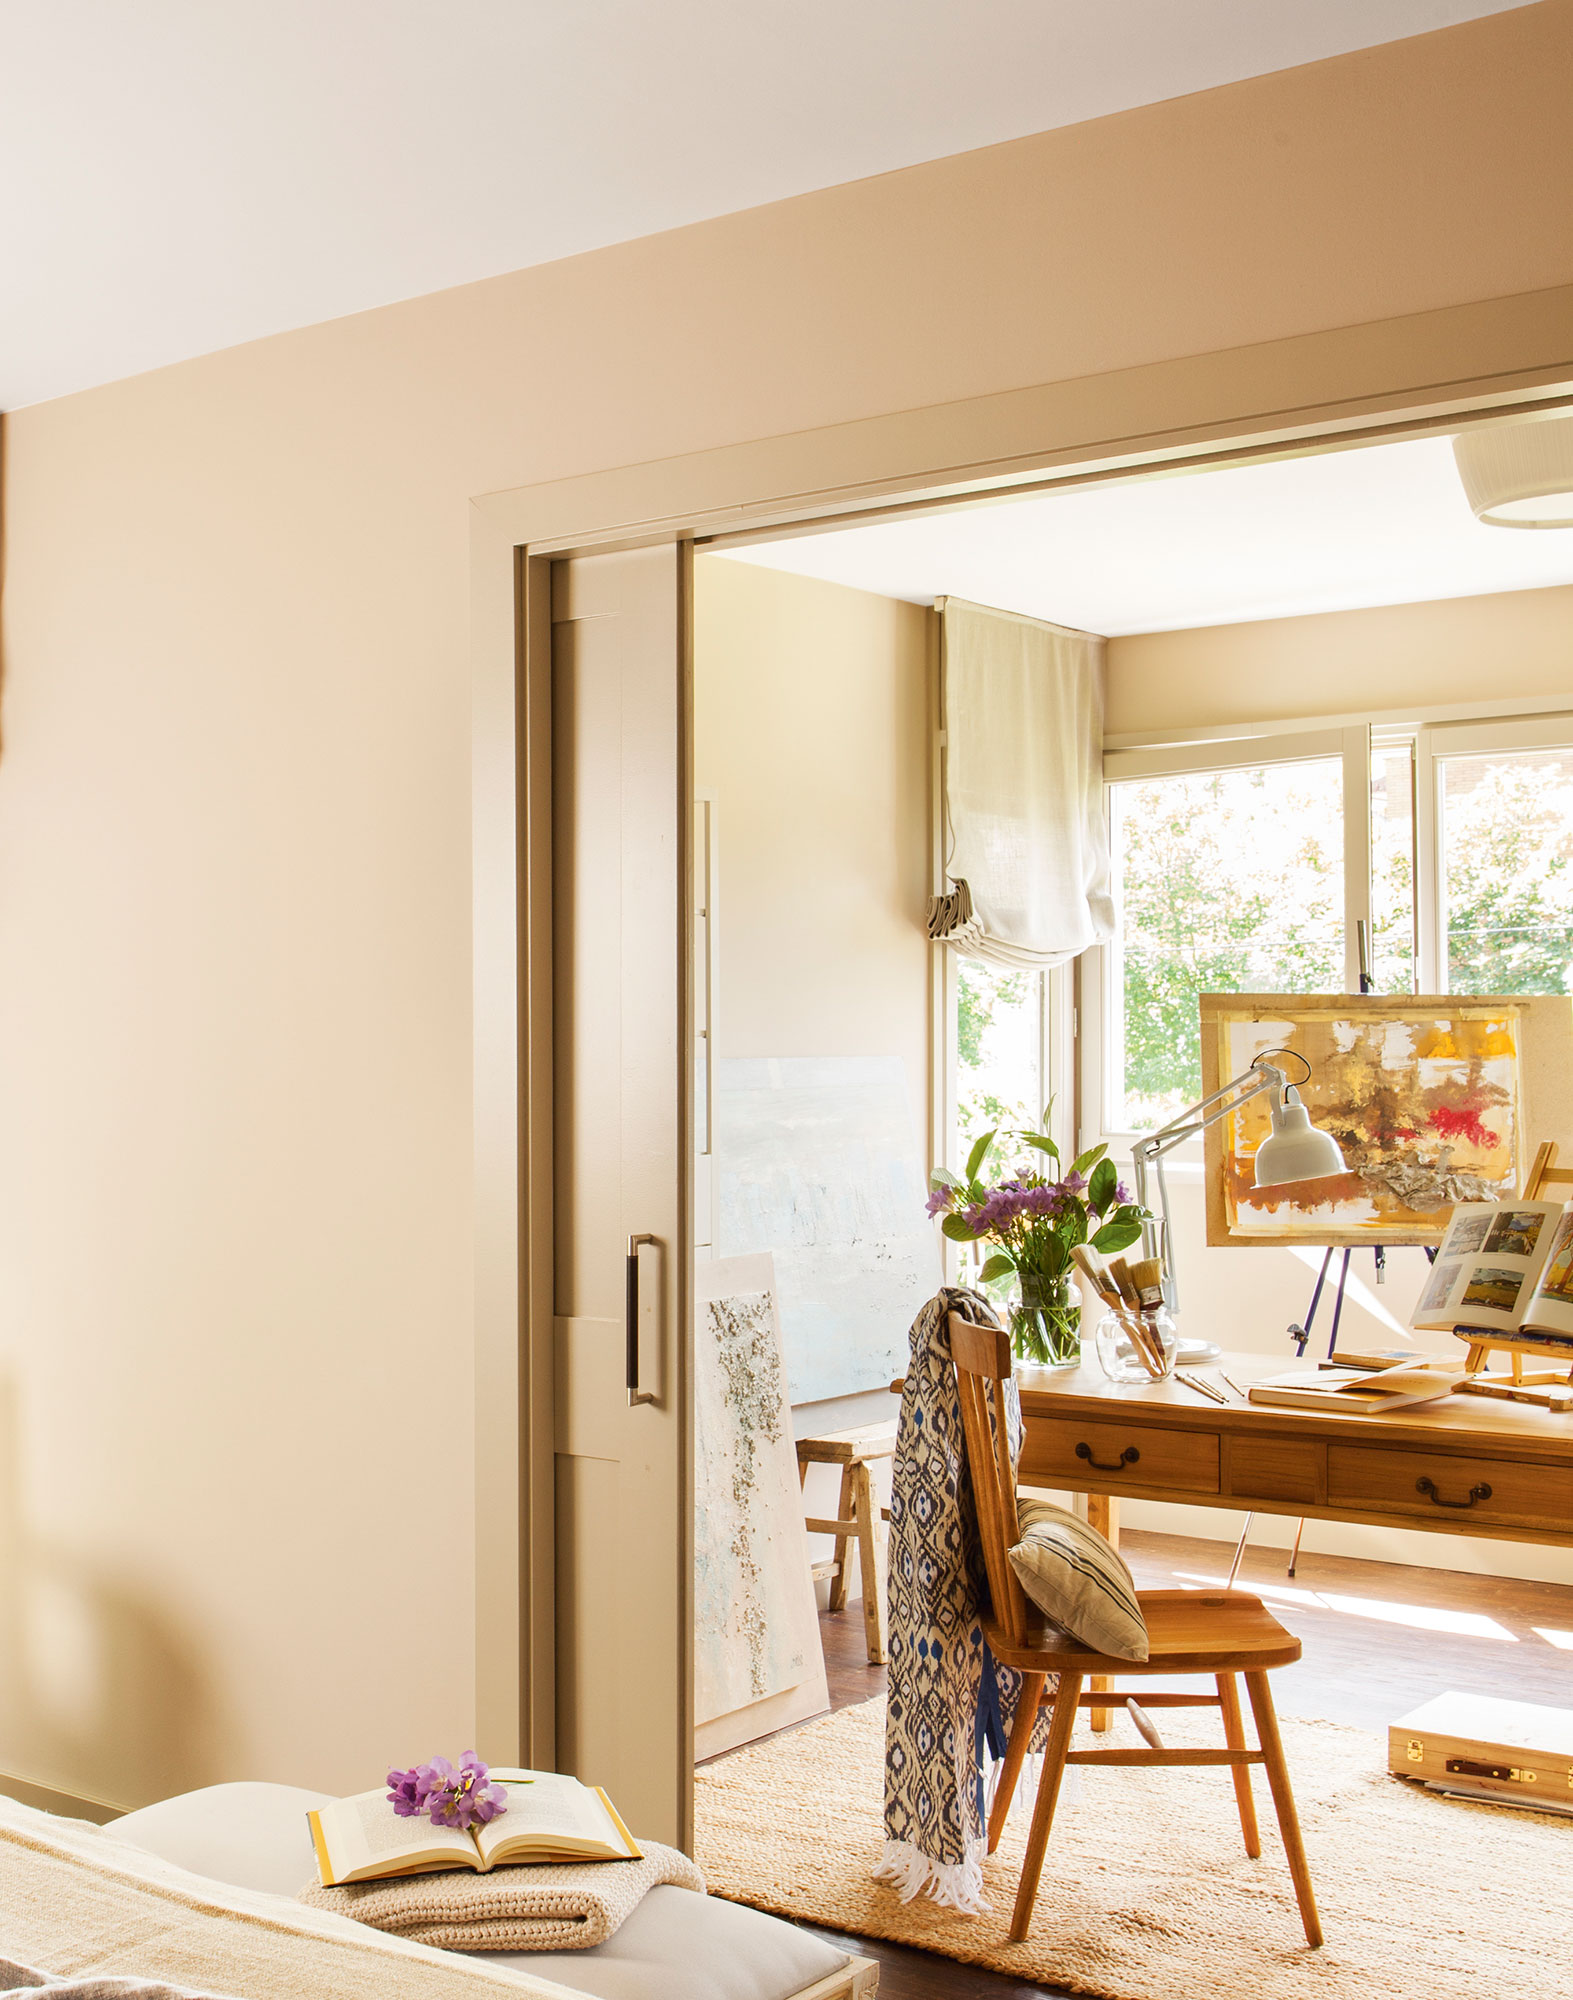 4 salones ideales: ideas de decoradora para tener un salón perfecto